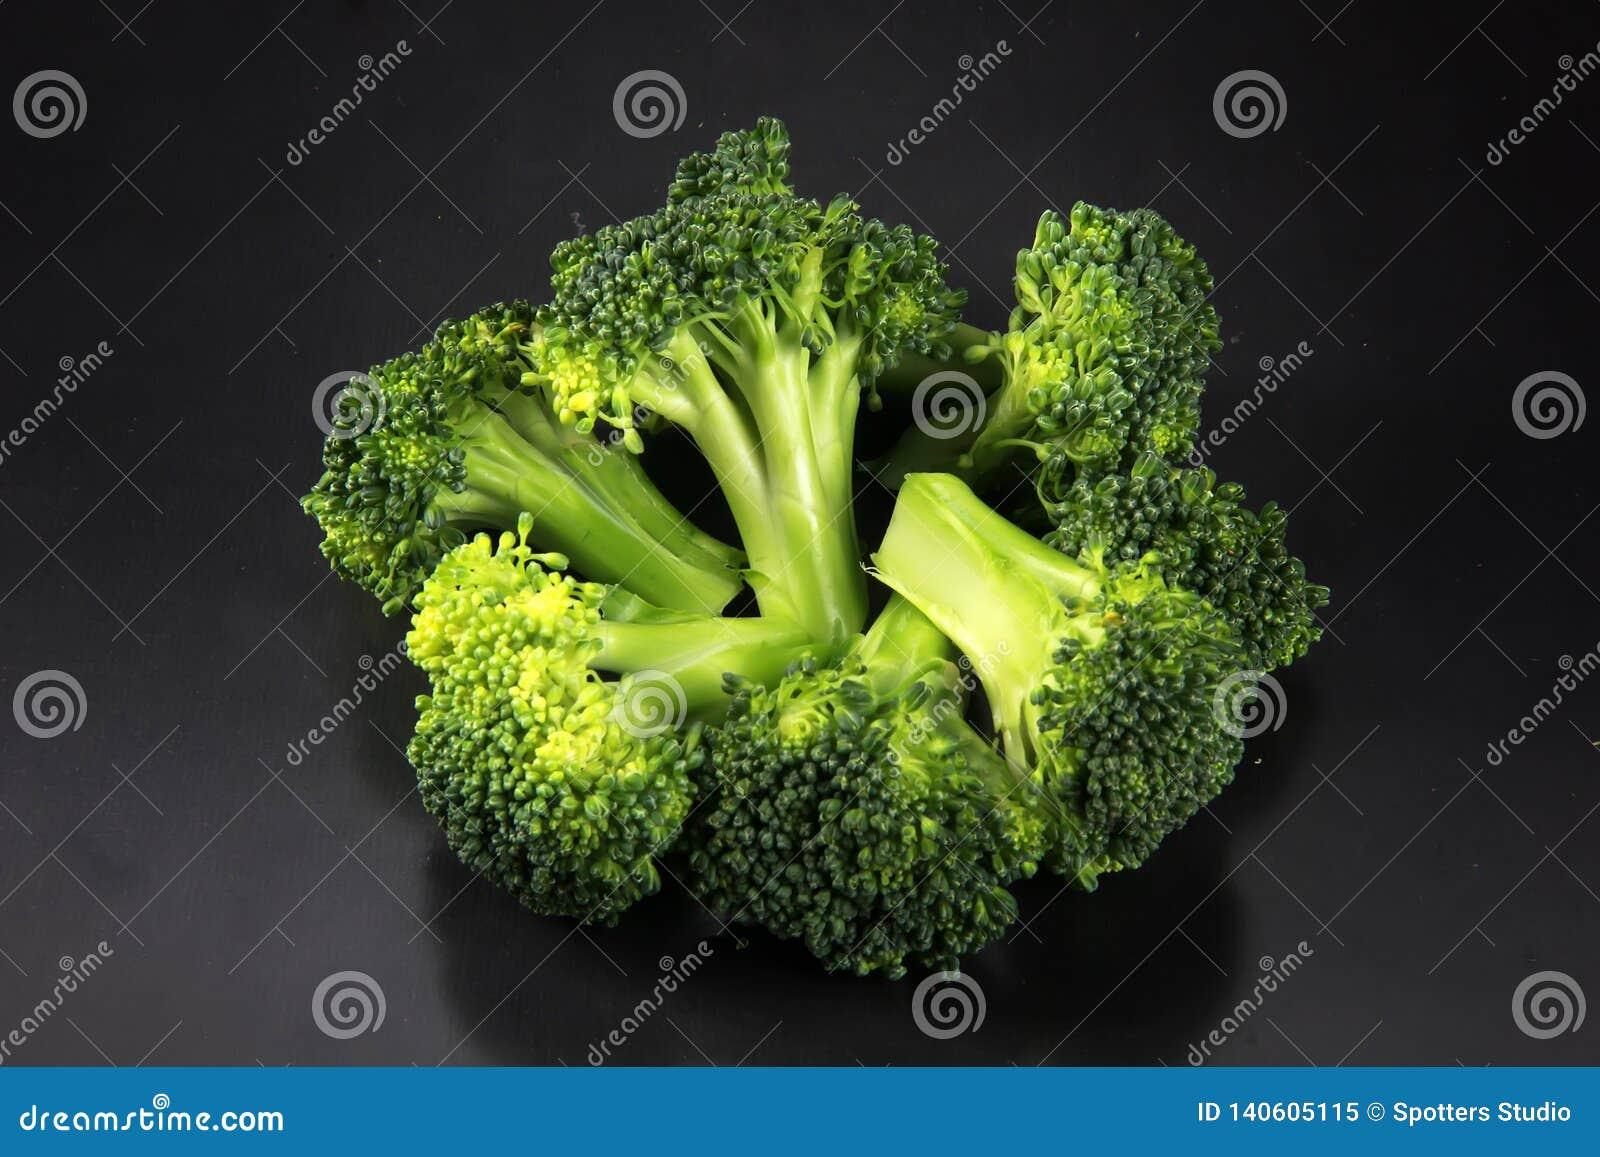 Brocoli frais avec un fond noir